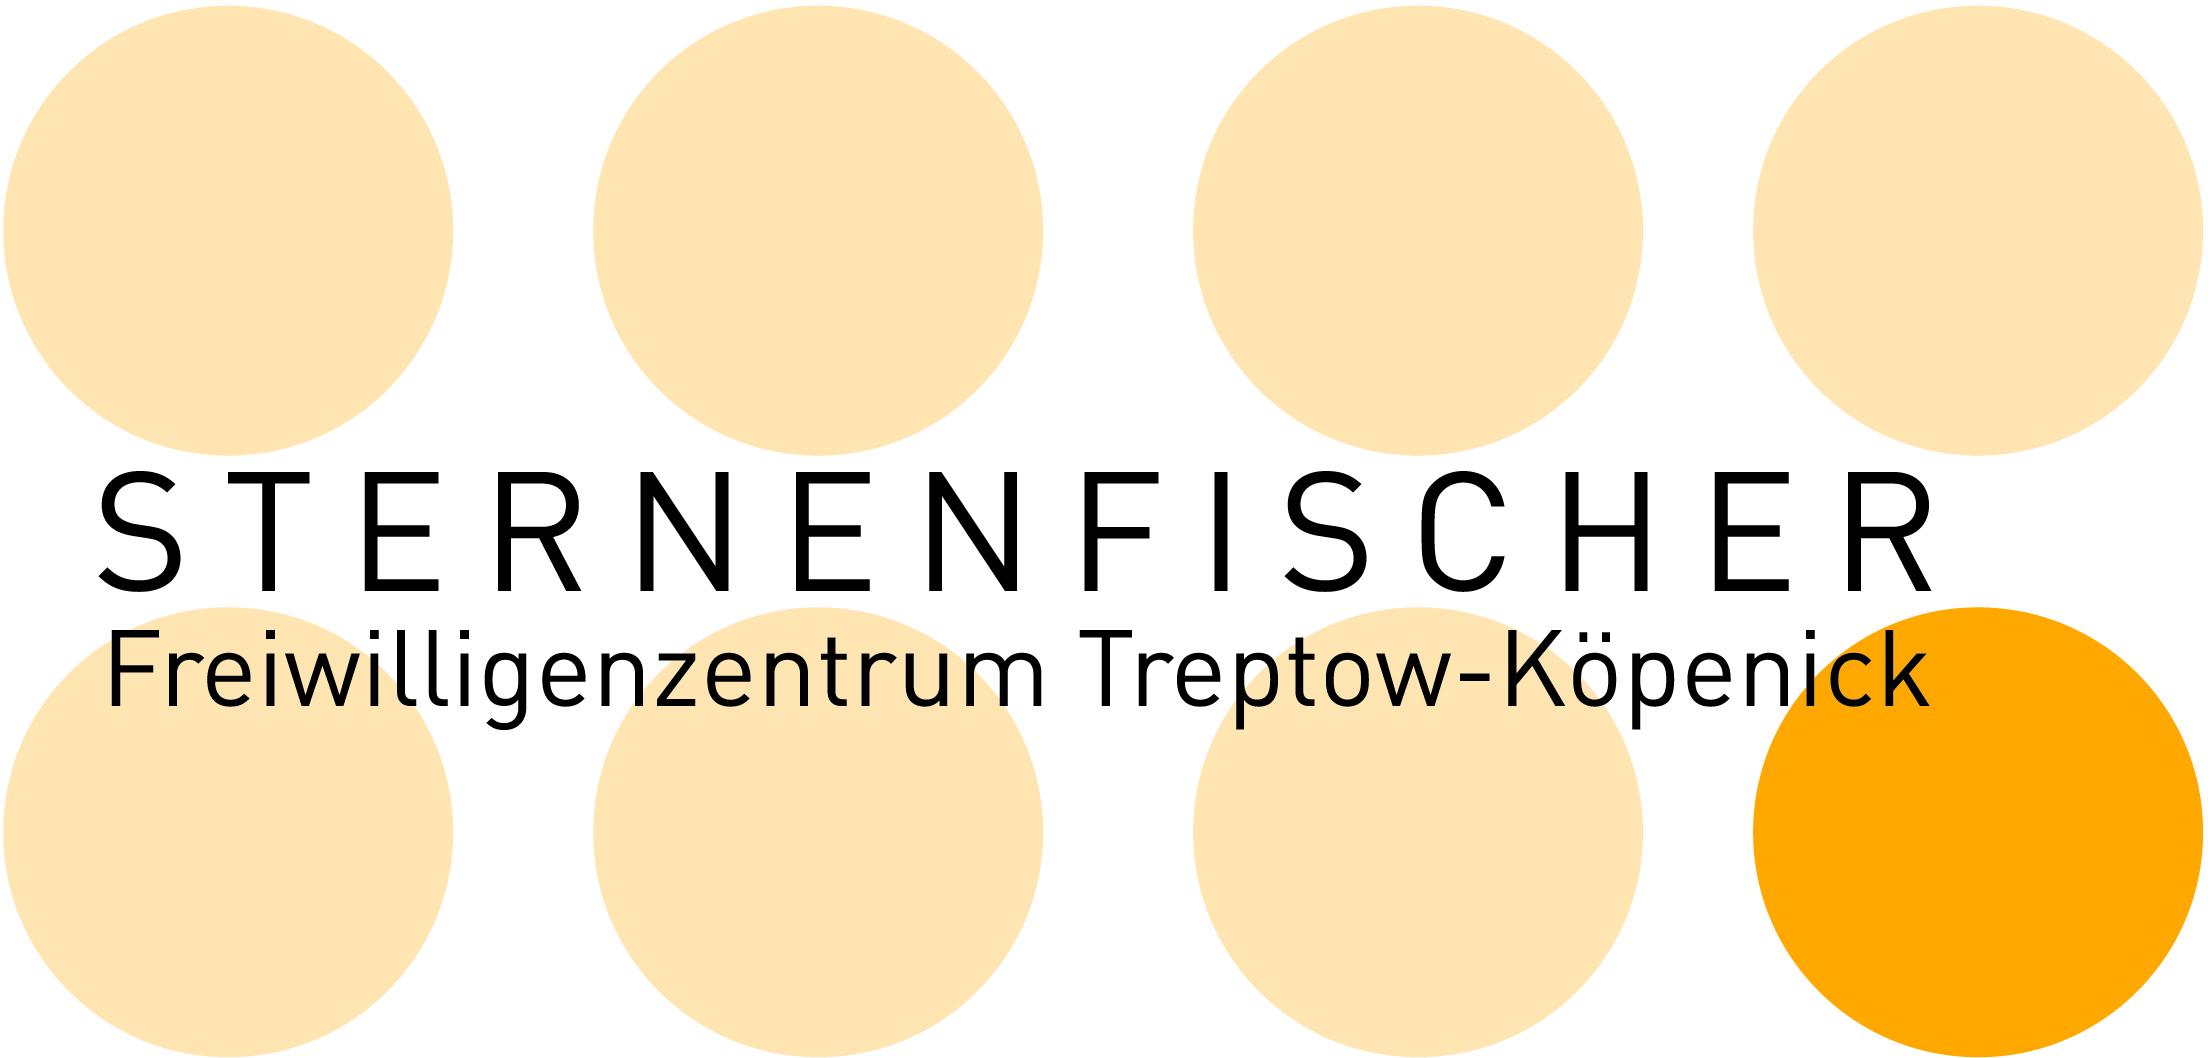 STERNENFISCHER- Freiwilligenzentrum Treptow-Köpenick (ohne Vertrag)